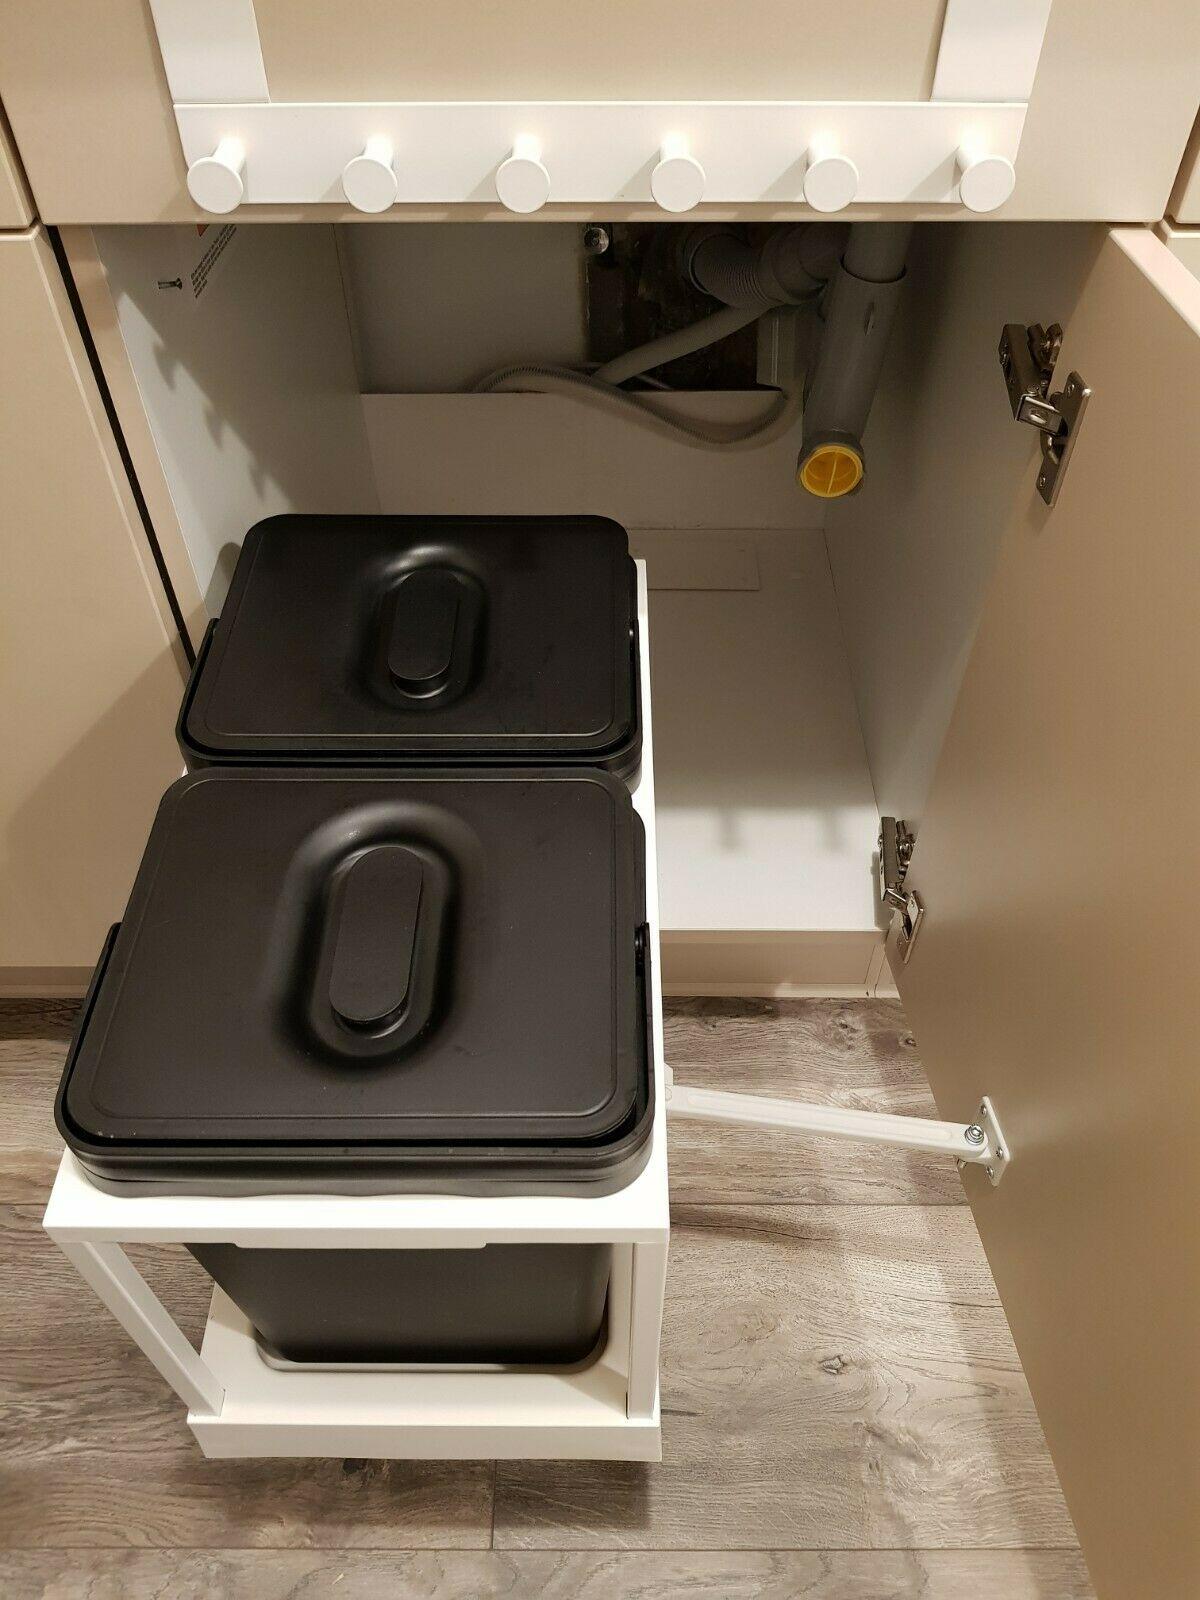 Full Size of Einbau Mülleimer Küche Betten Bei Ikea 160x200 Kosten Kaufen Modulküche Miniküche Sofa Mit Schlaffunktion Doppel Wohnzimmer Auszug Mülleimer Ikea